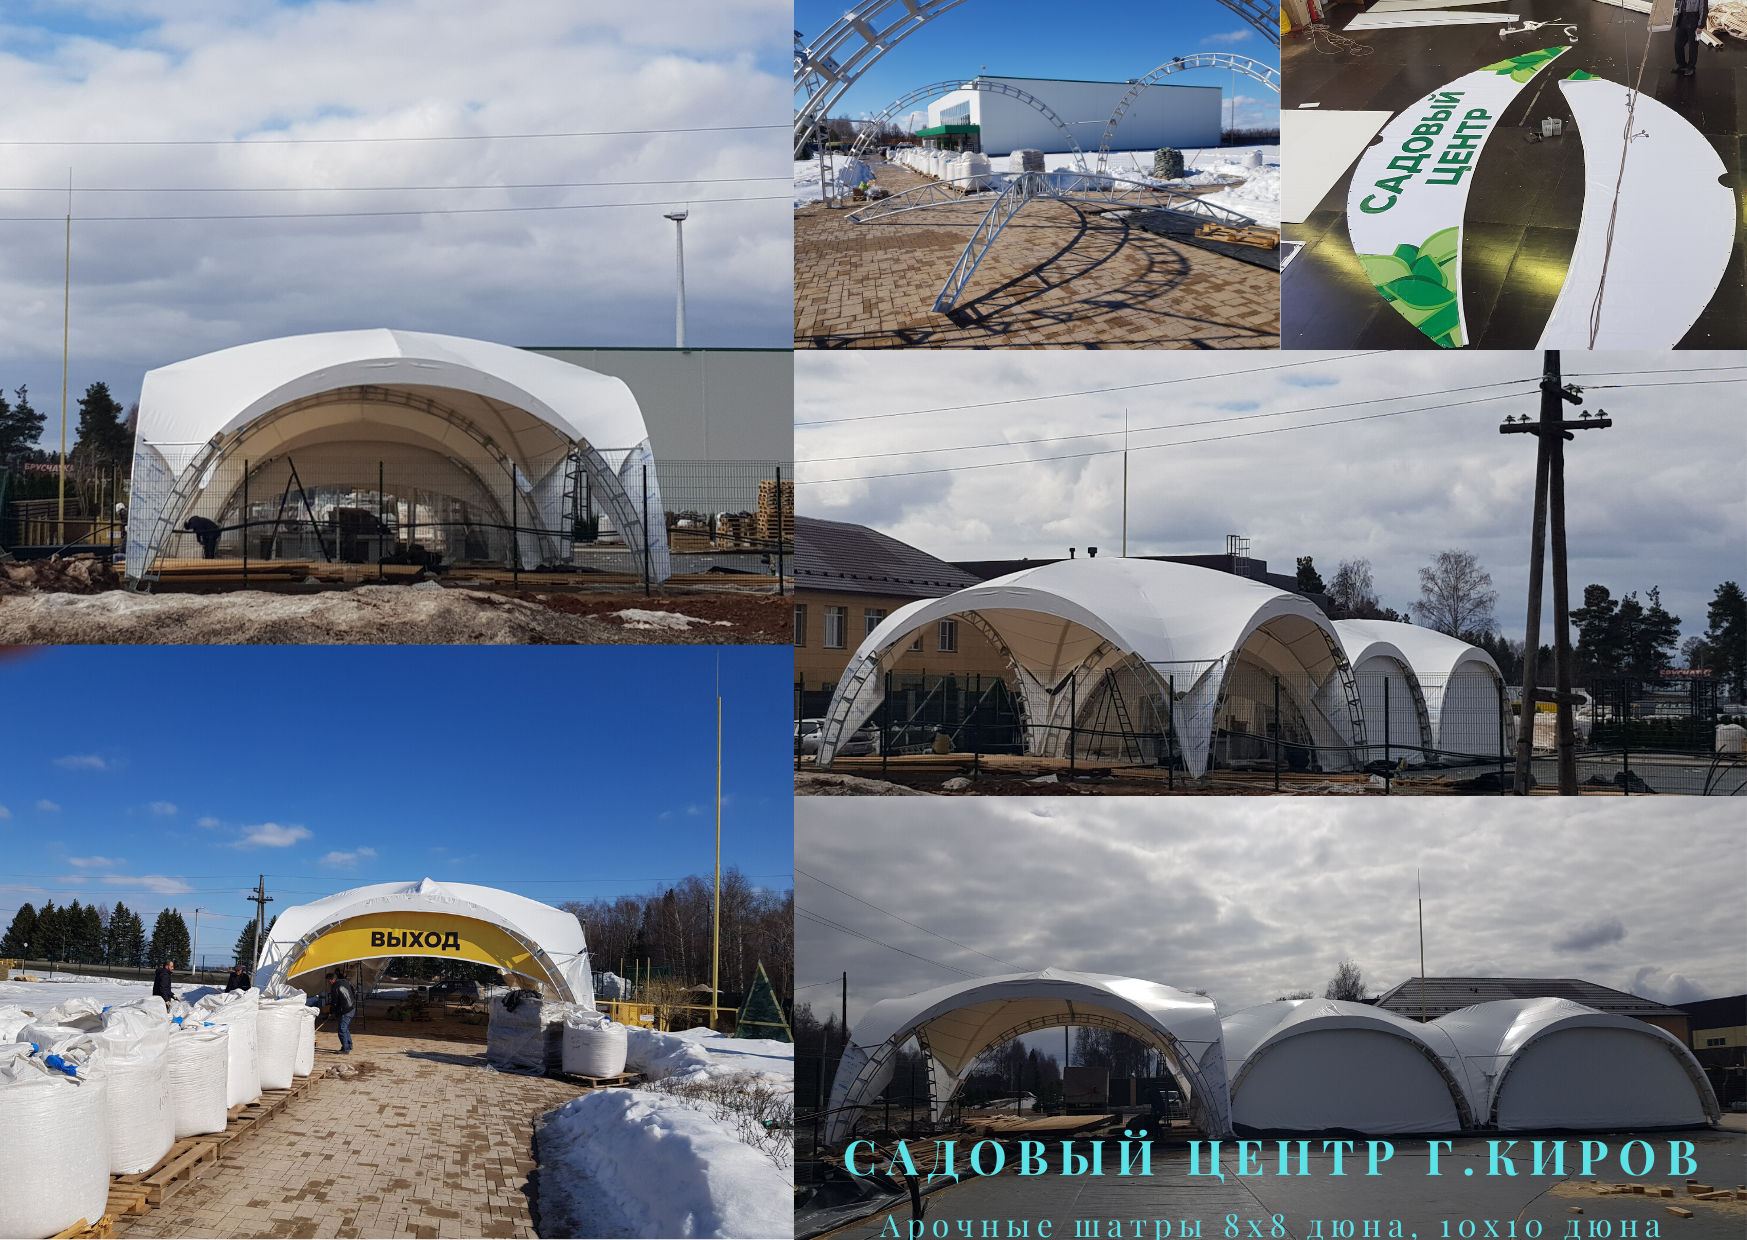 Проект FirstTent арочные шатры 8х8 дюна, 10х10 дюна для торговли Садовый Центр г.Киров